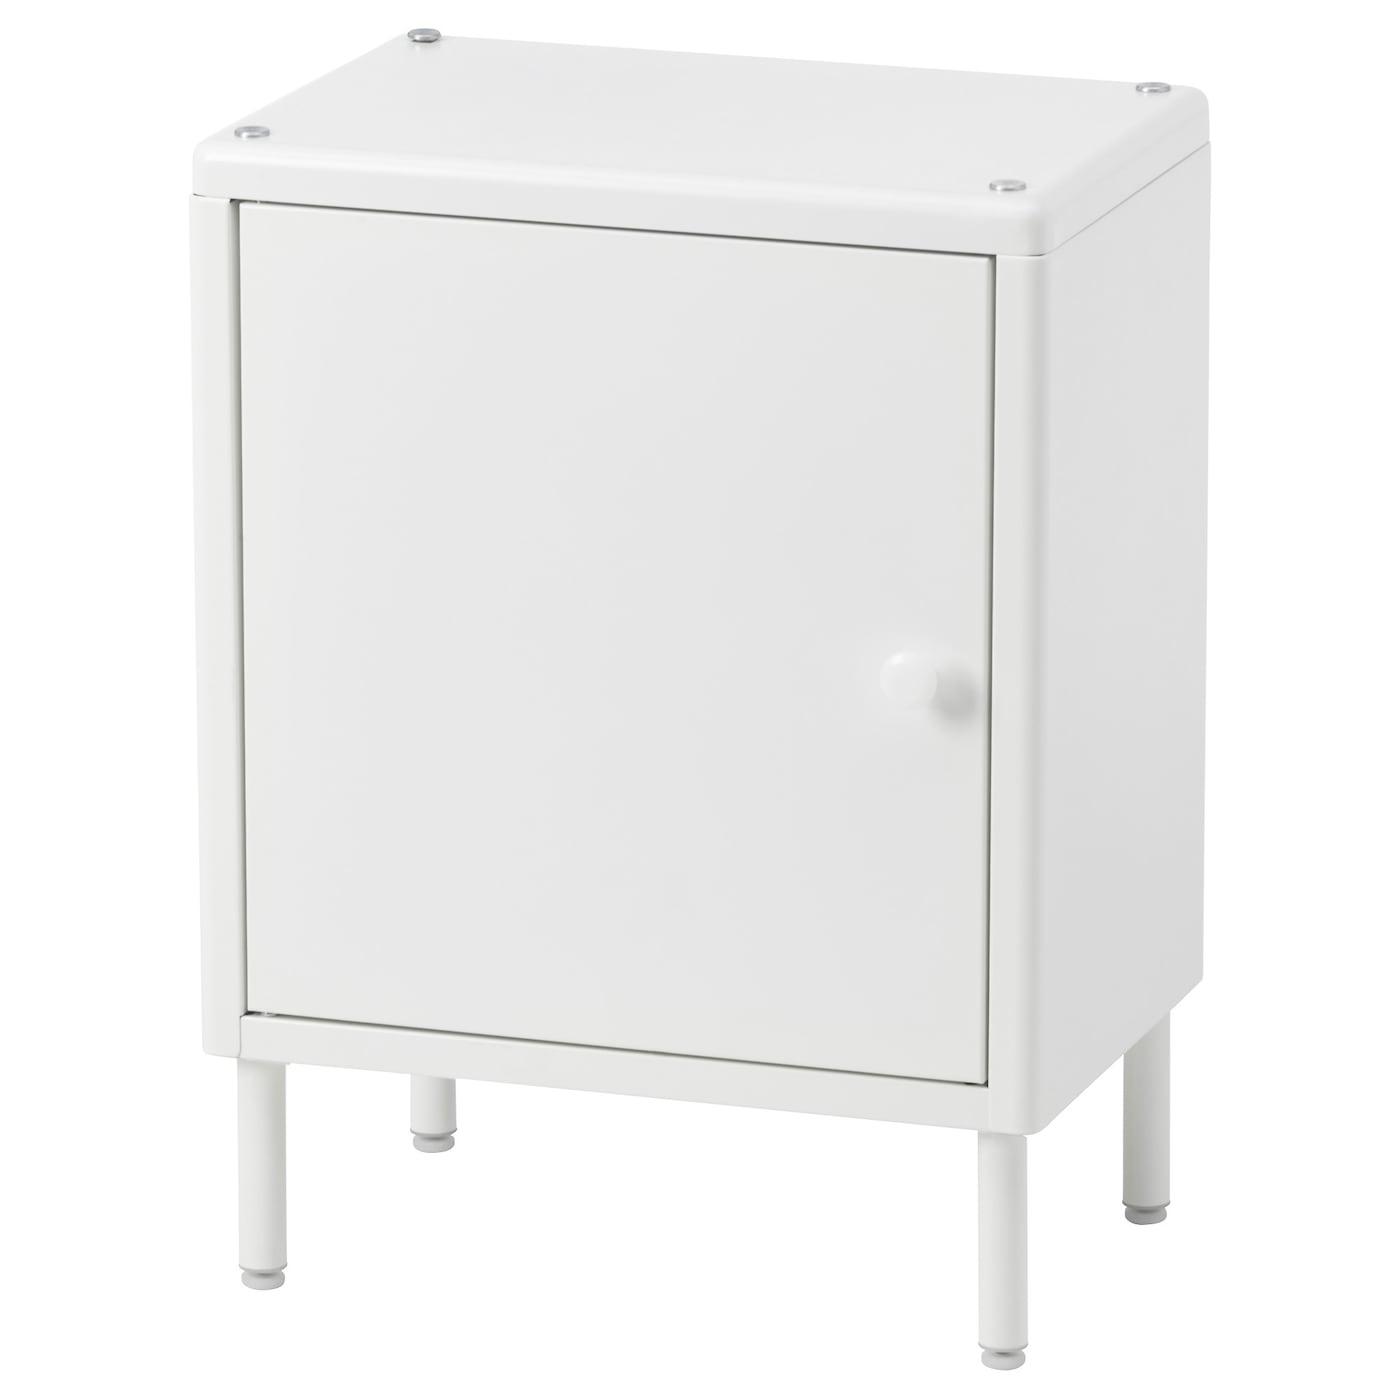 Badkamermeubels - IKEA